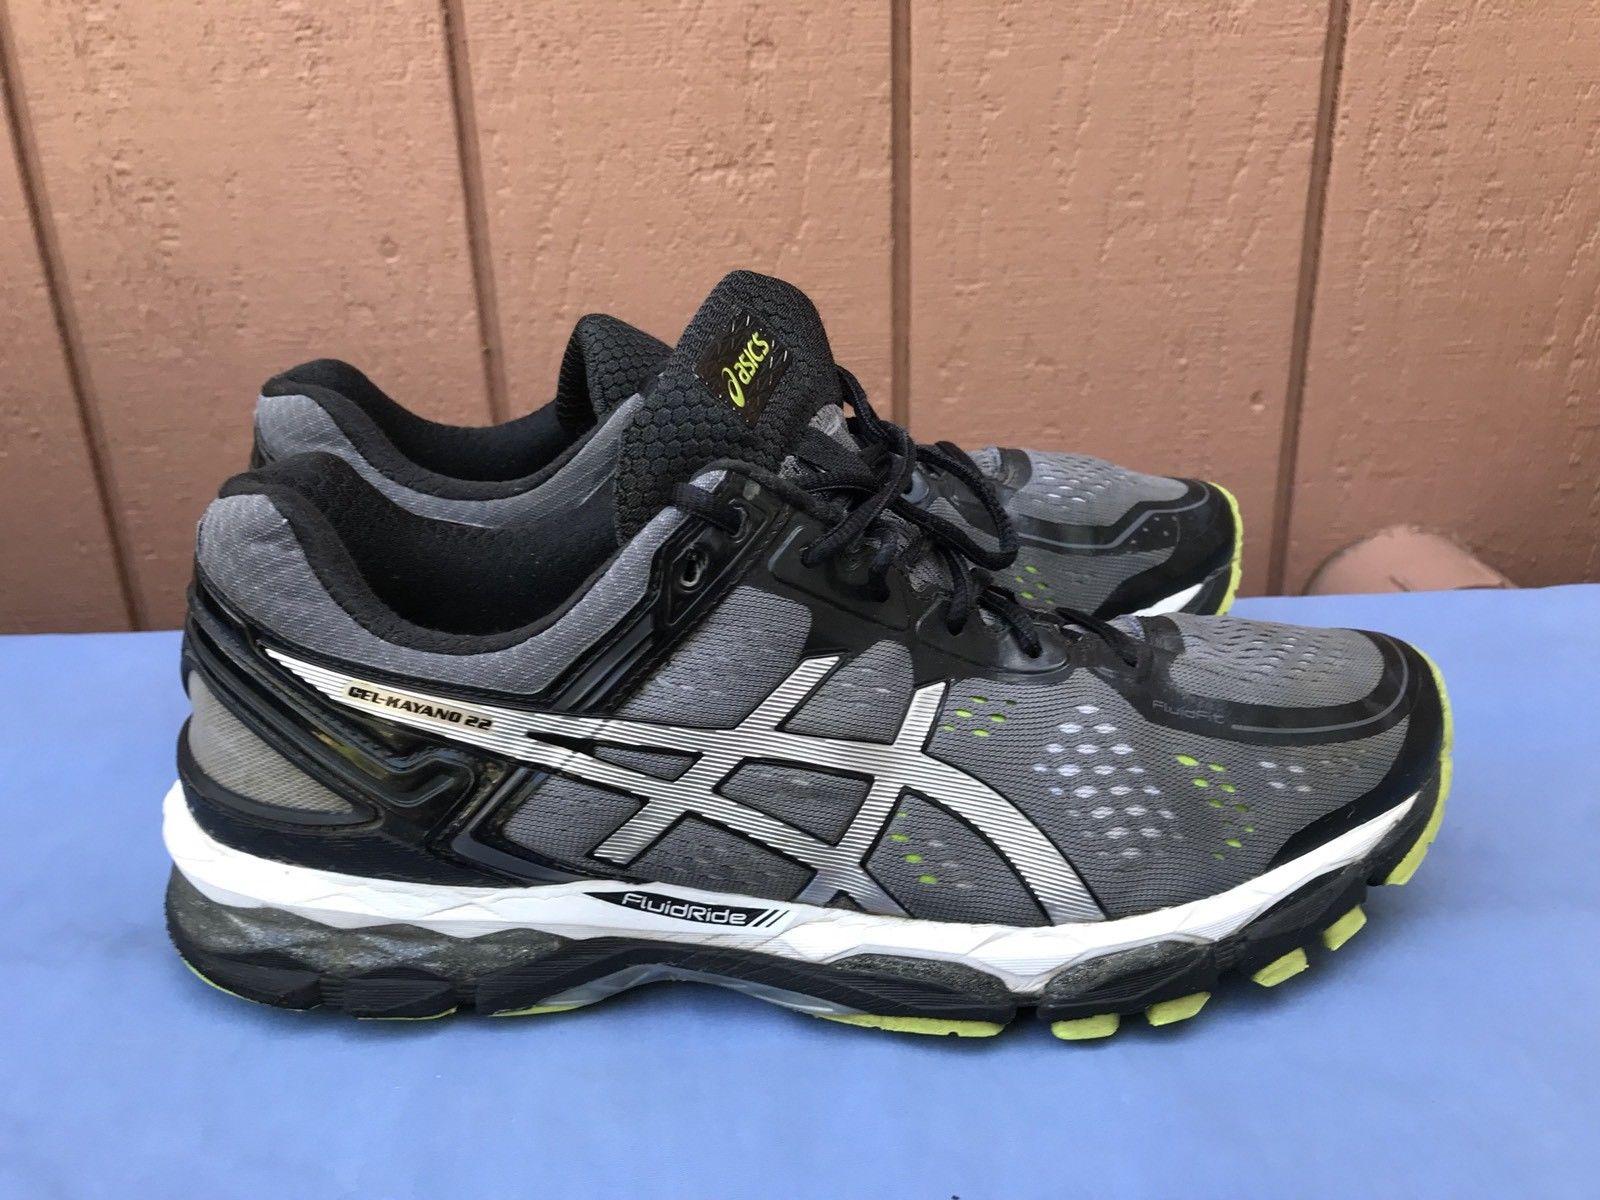 Asics Gel Kayano 22 Running Shoes